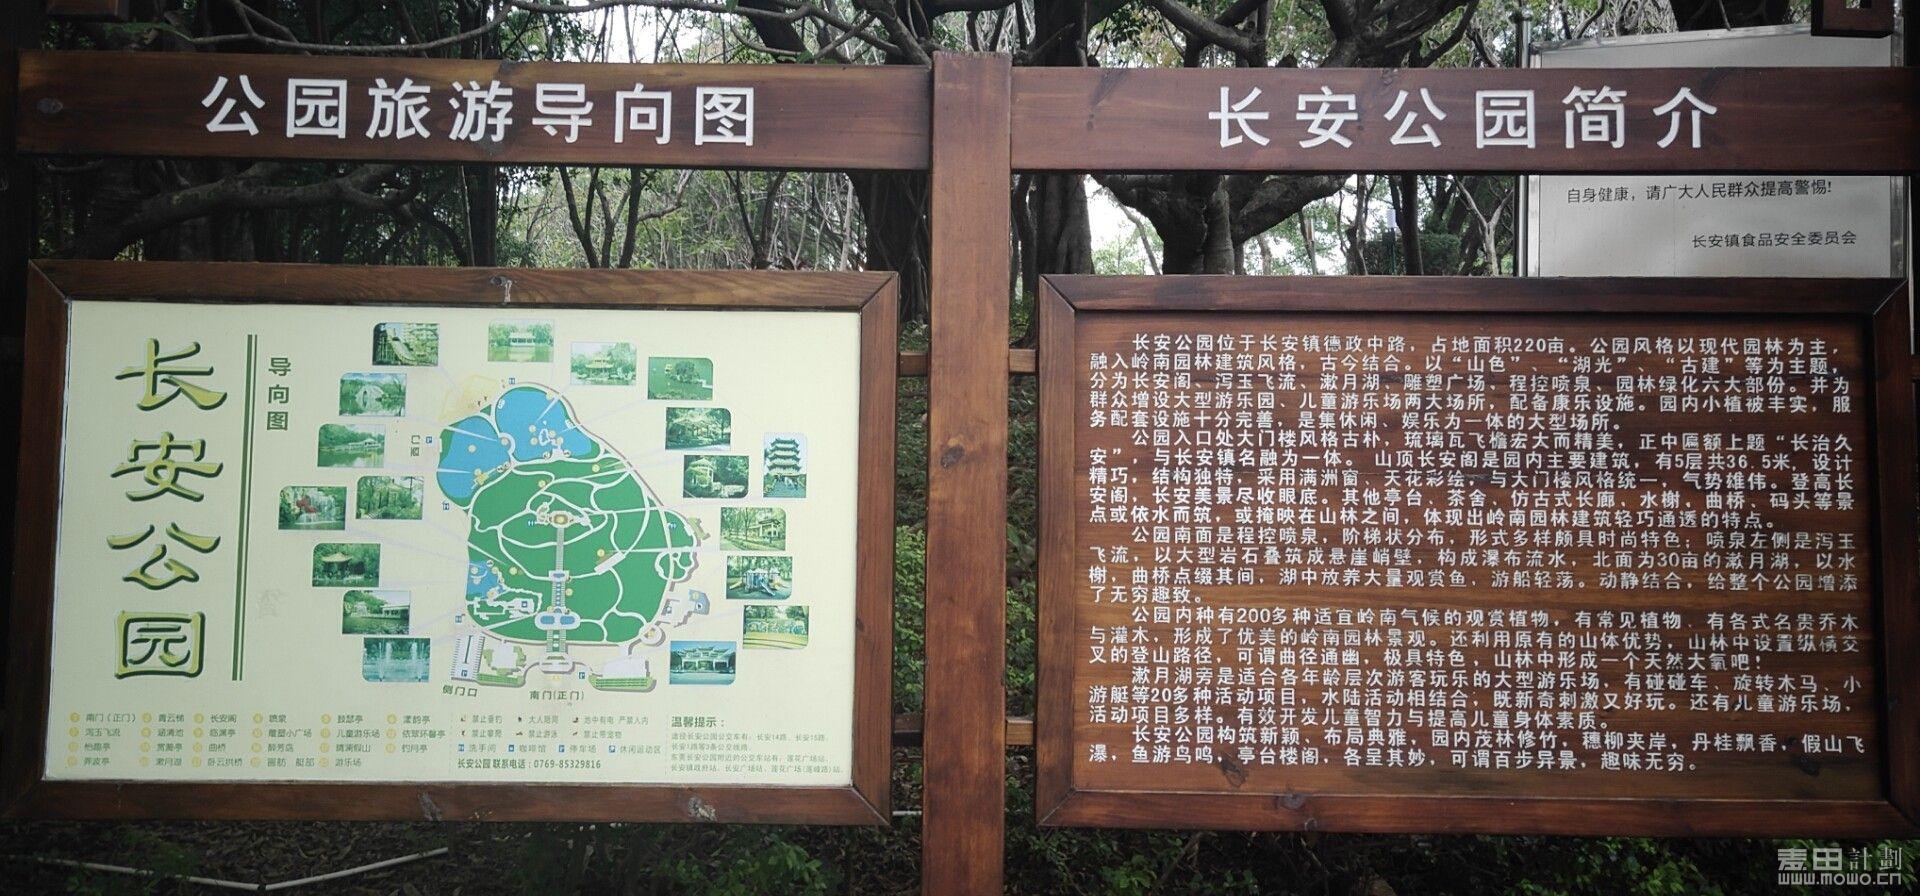 长安公园3.jpg